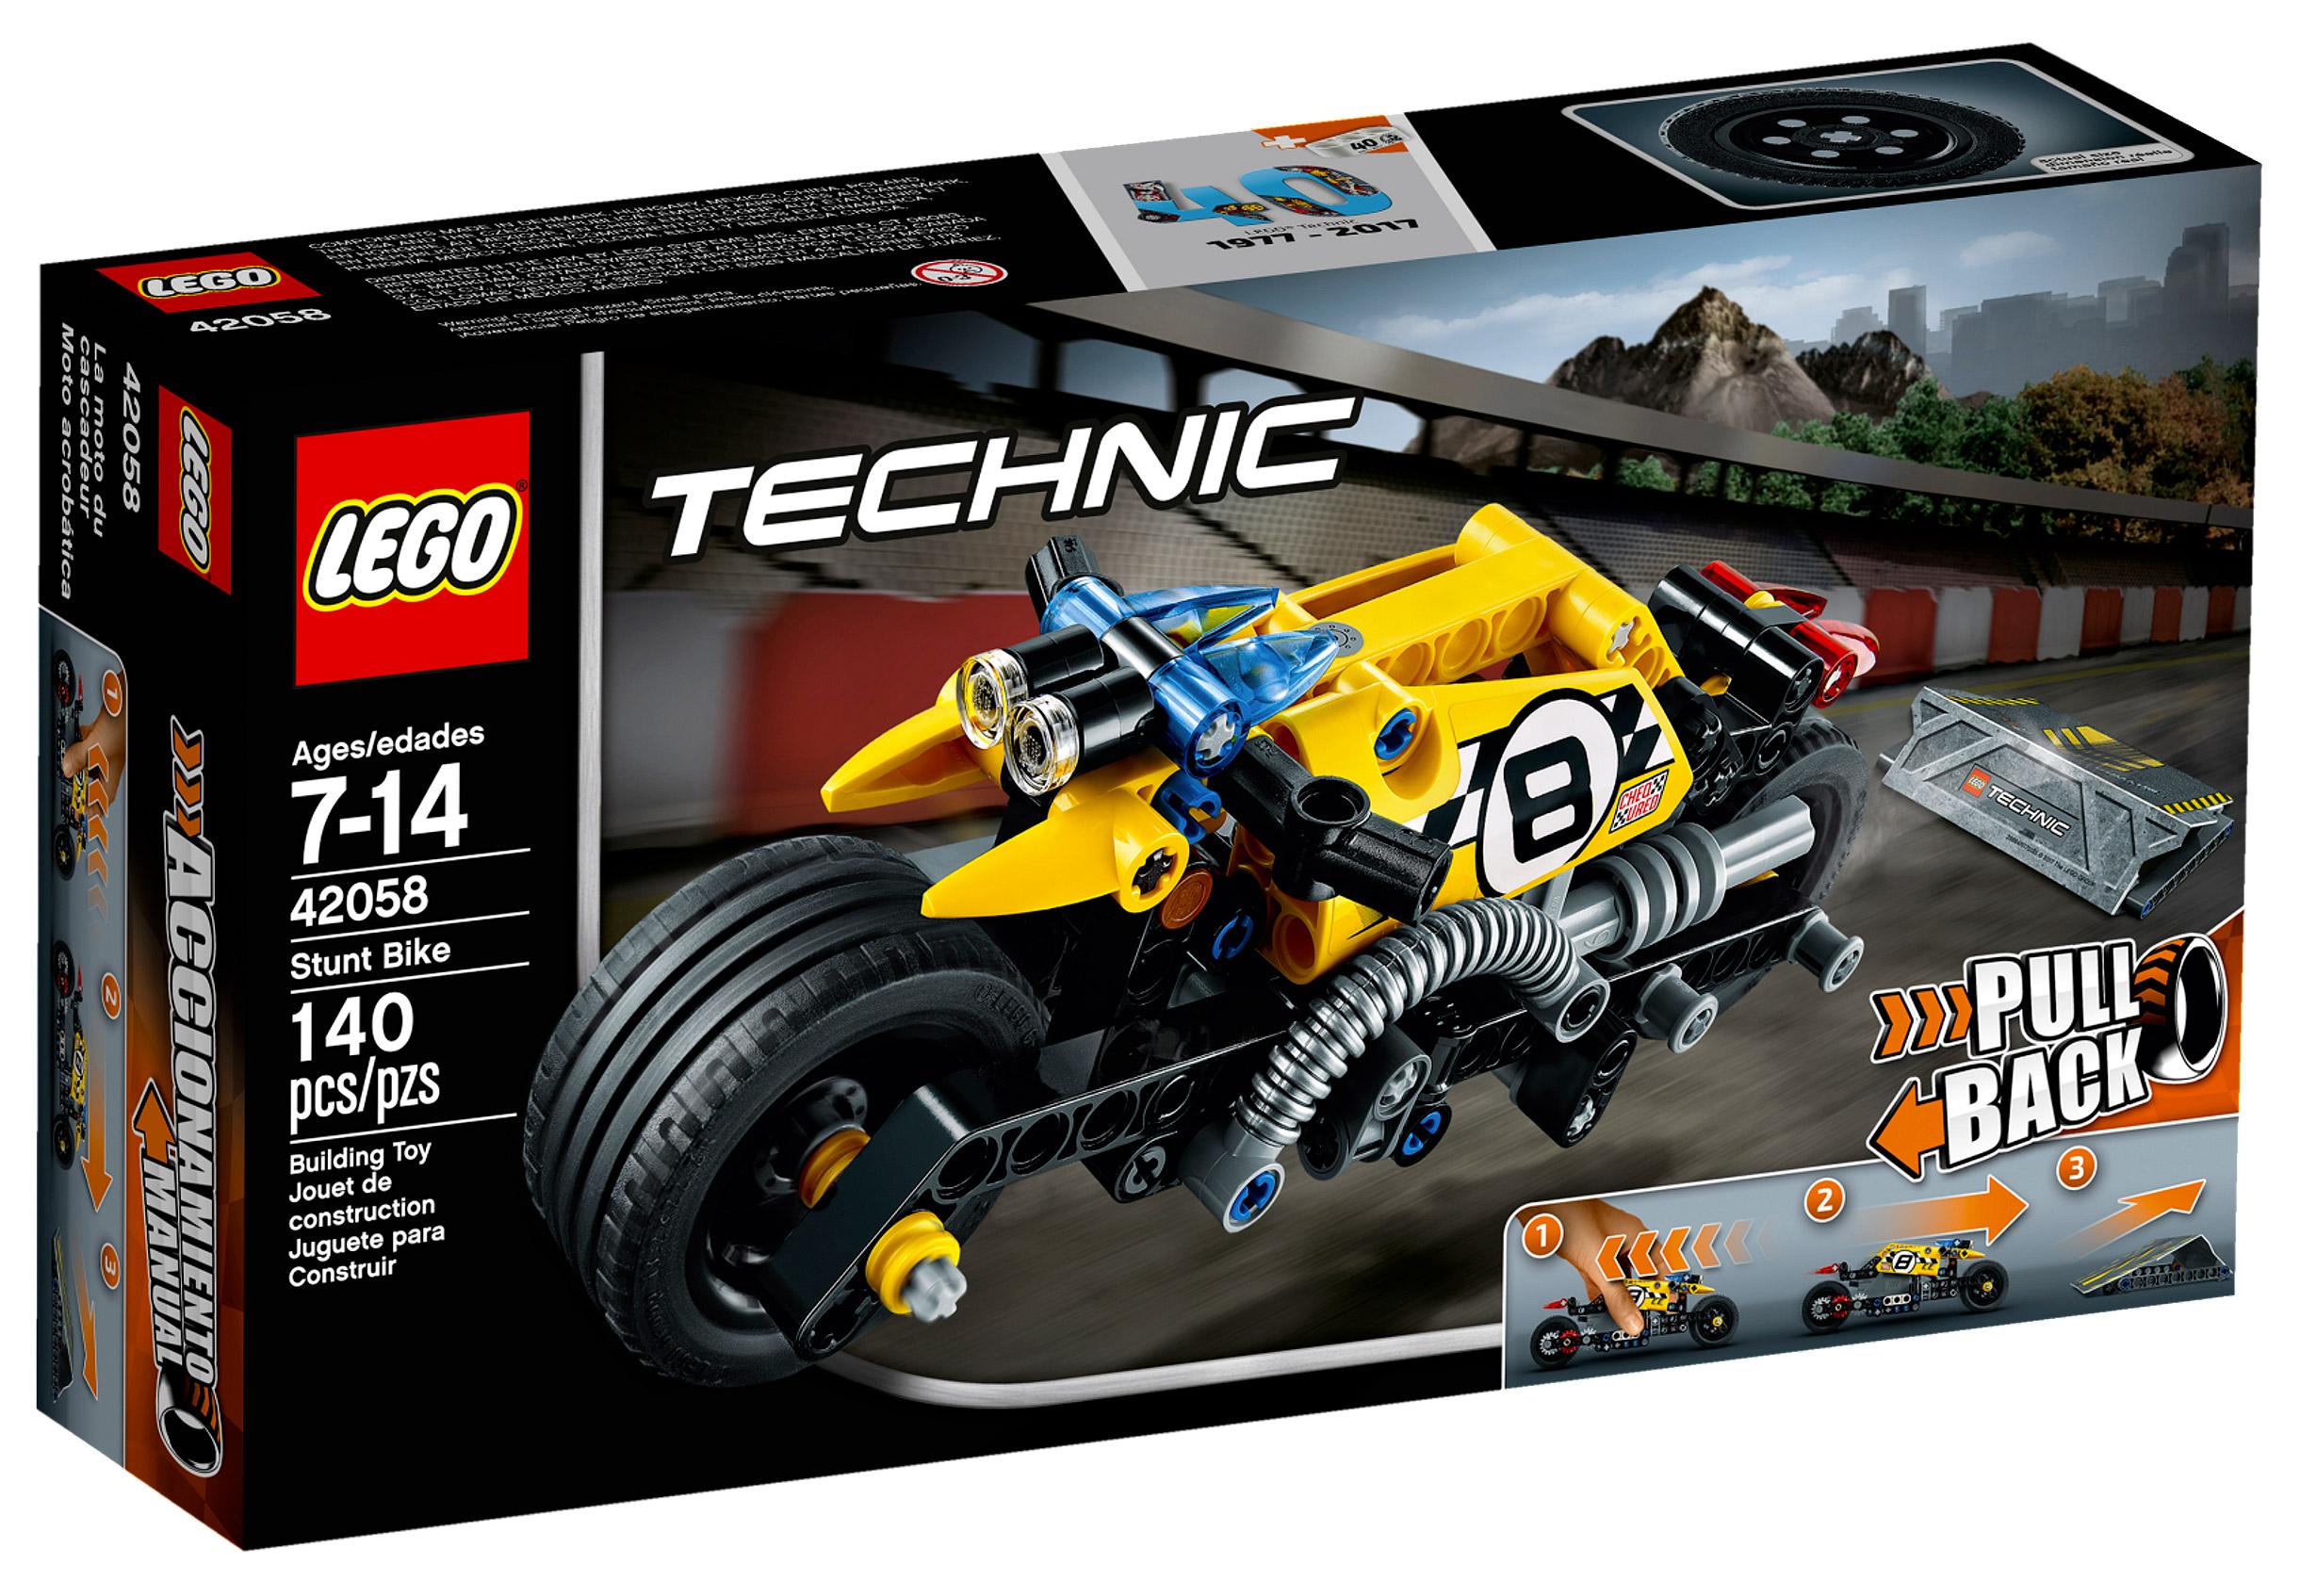 Lego Technic Technique 5 Pneumatic verbe kreuzloch-Prise #99021 marron foncé NEUF